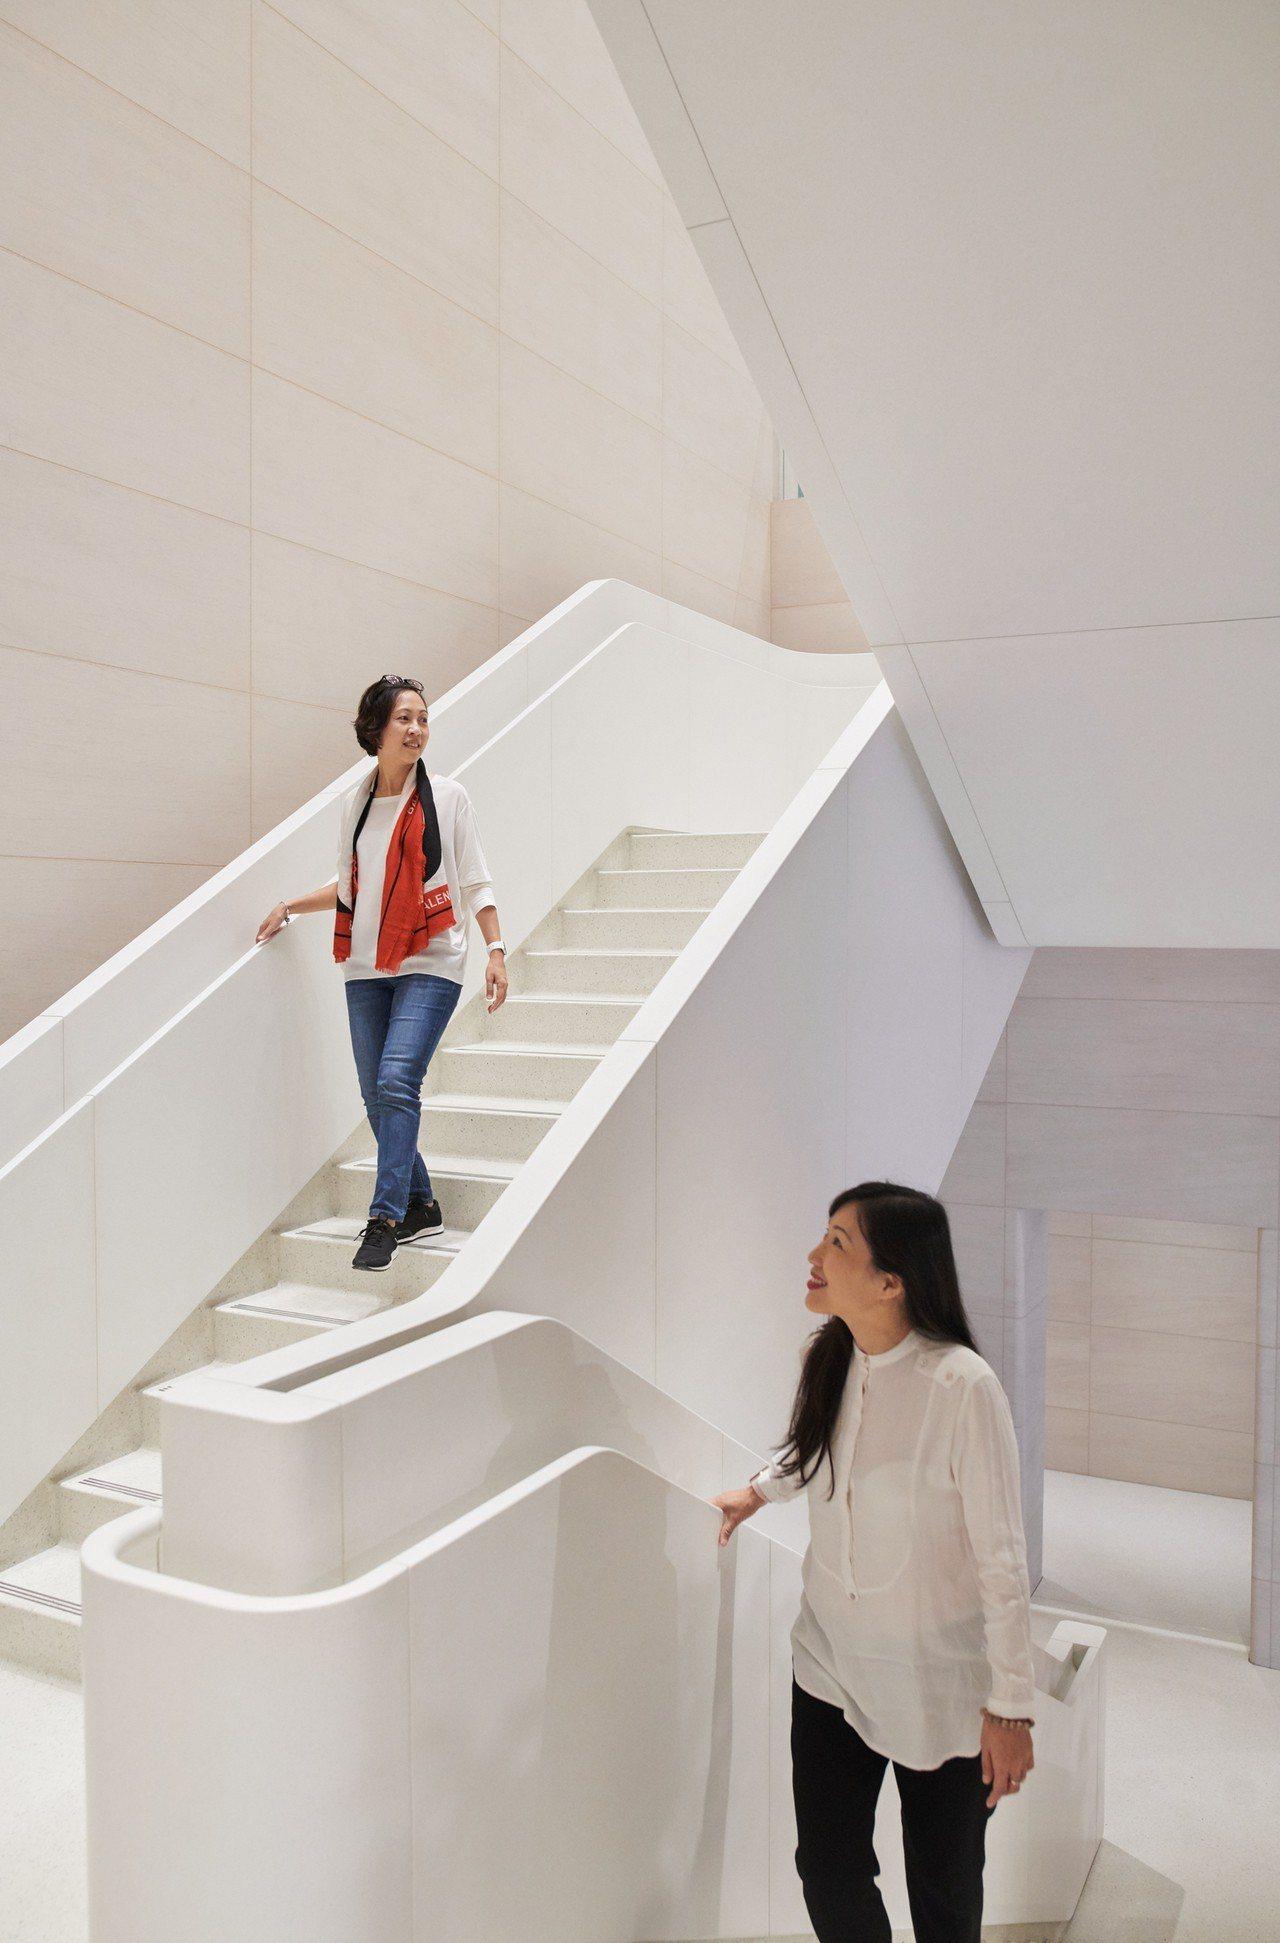 店內左右兩側有兩座風格獨特的大理石混合石材階梯向下延伸至地下樓層。圖/蘋果提供